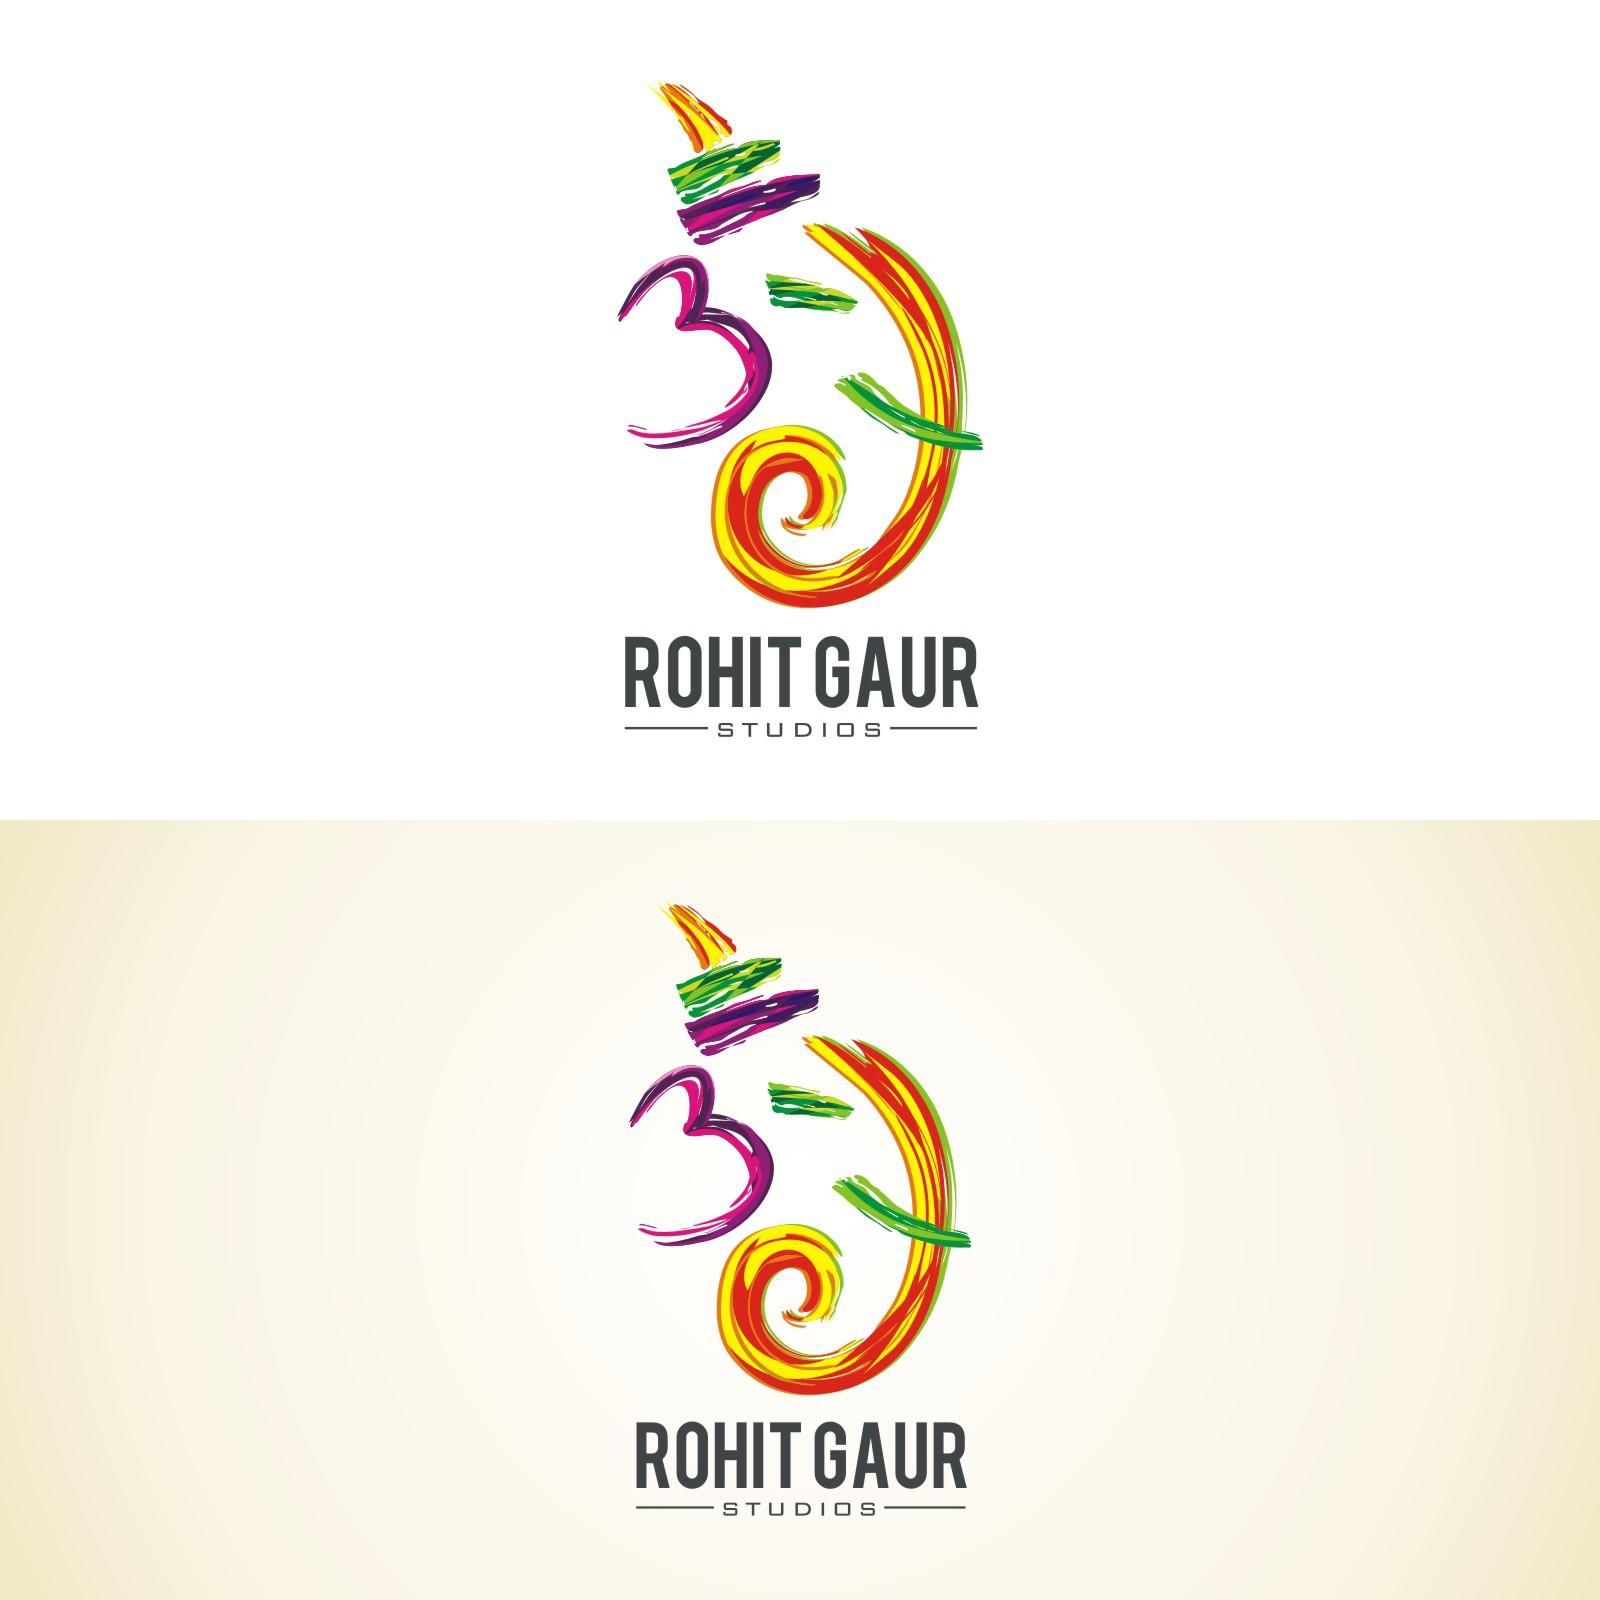 Rohit Gaur Studios